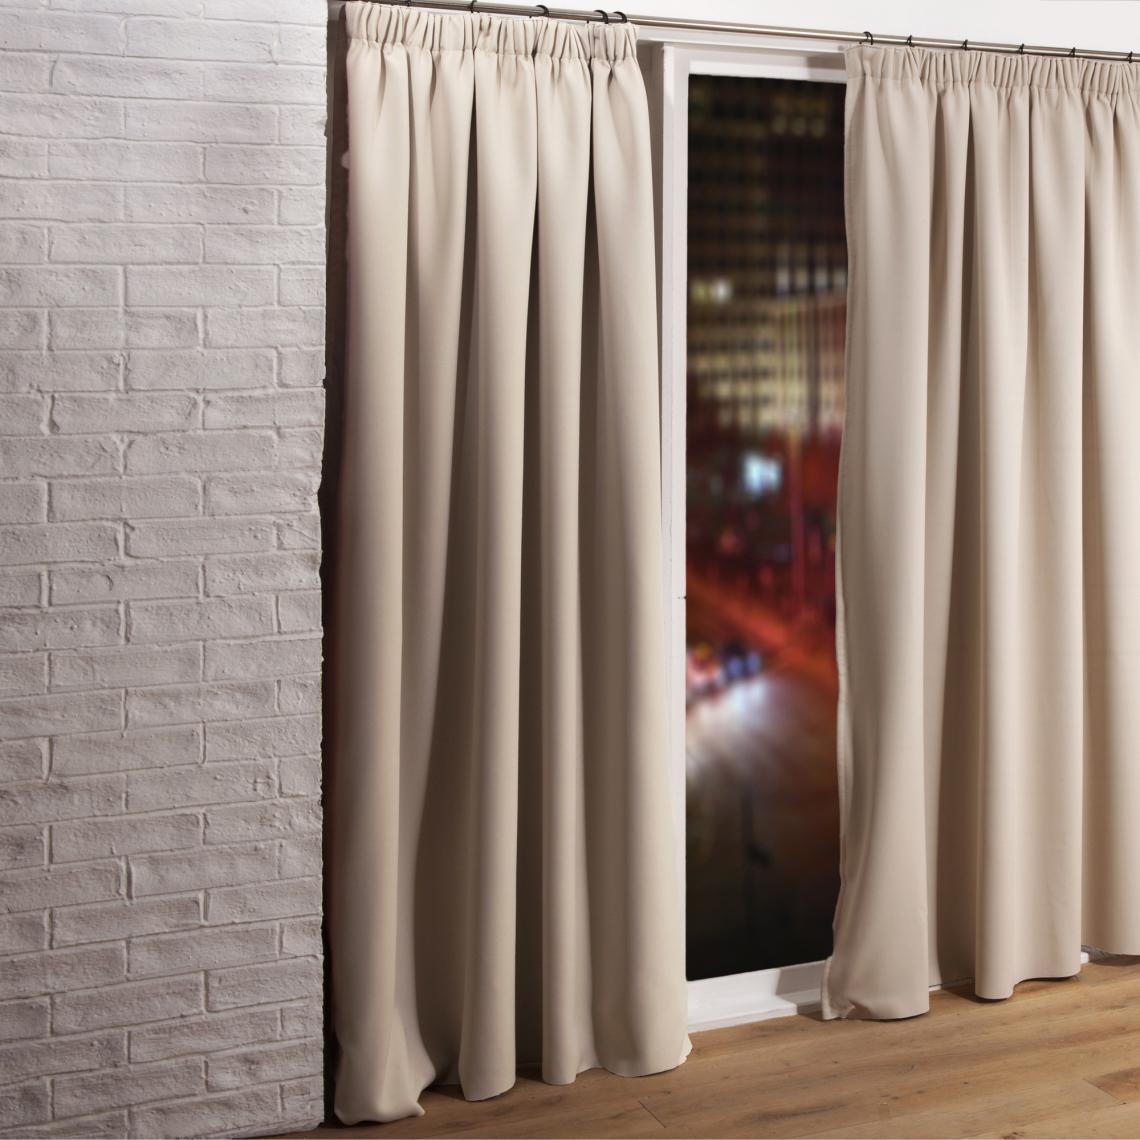 rideau phonique occultant et thermique 3 couches galon fronceur moondream blanc 3 suisses. Black Bedroom Furniture Sets. Home Design Ideas